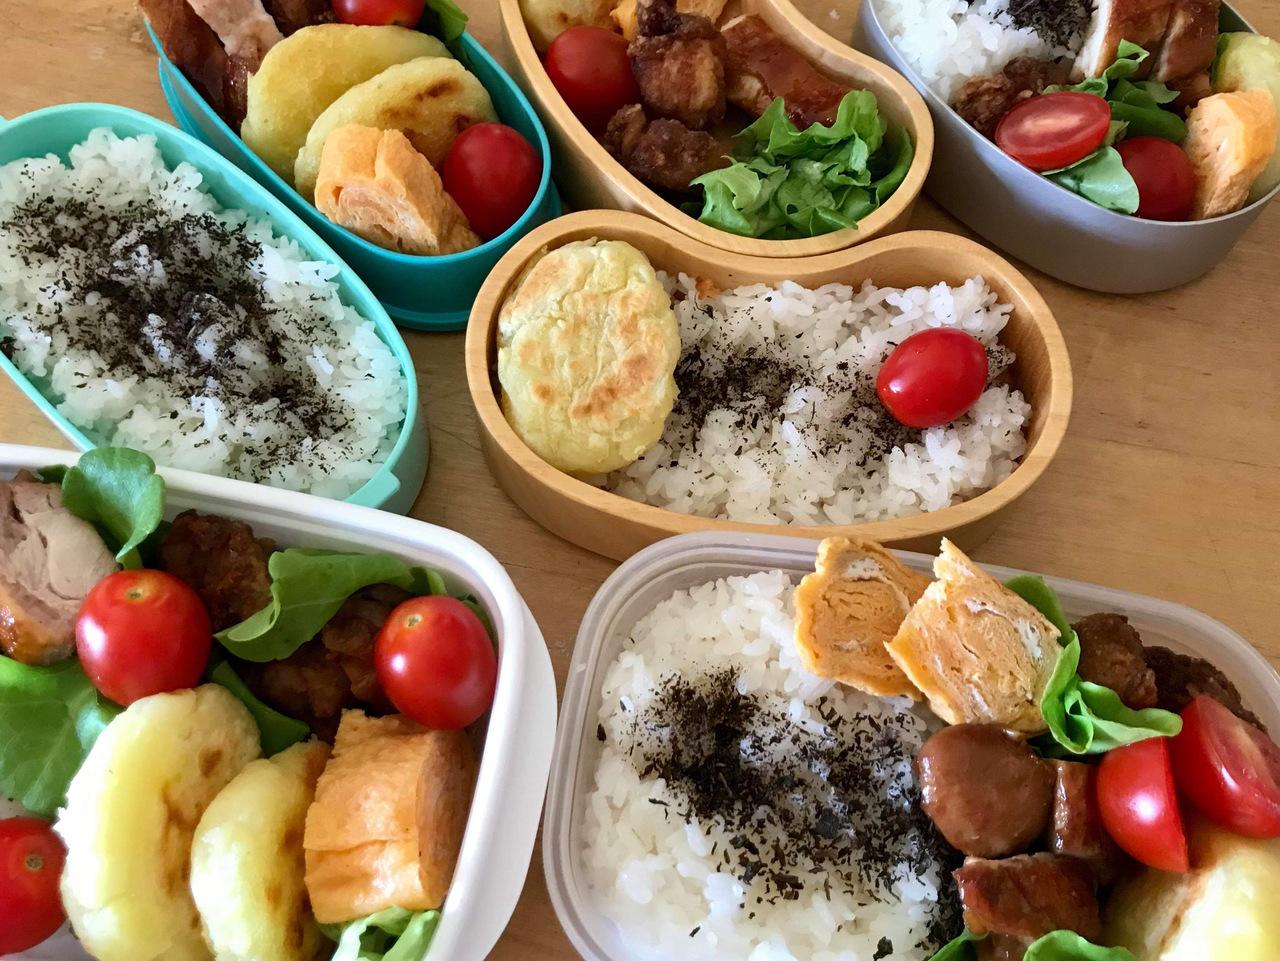 ここちよい暮らしの知恵講座「ご飯の仕度が楽になる・冷凍庫貯金」②